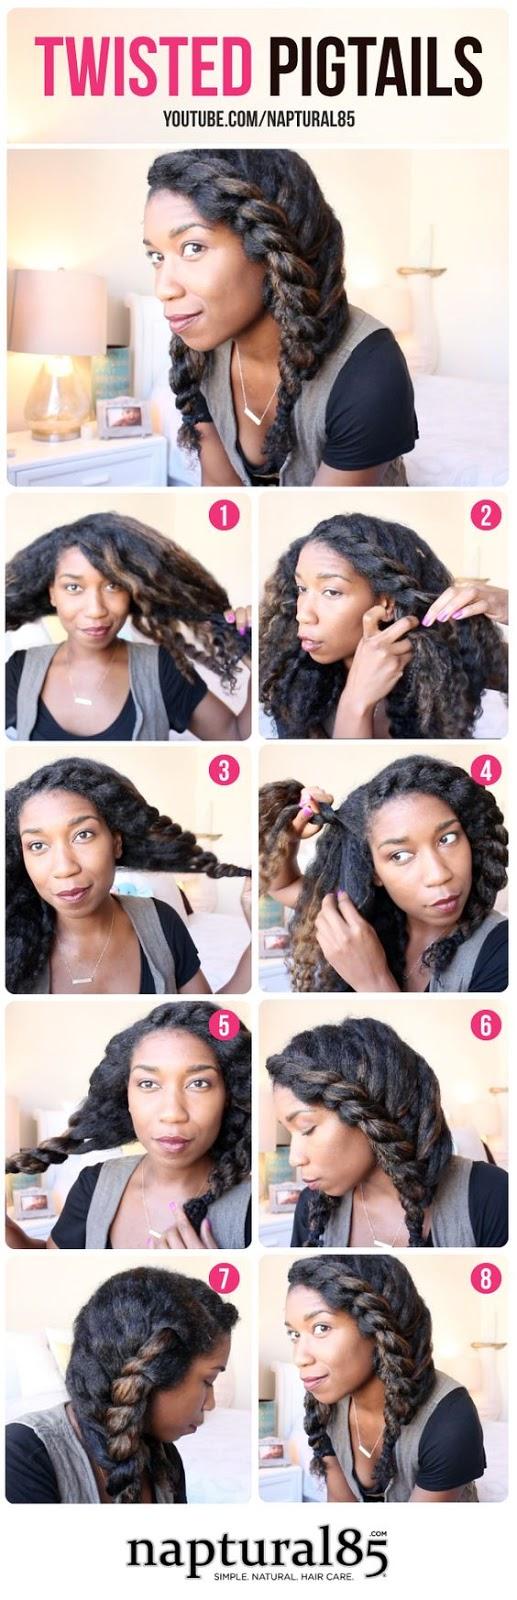 Penteado cabelo afro cabelos e pentiados pinterest